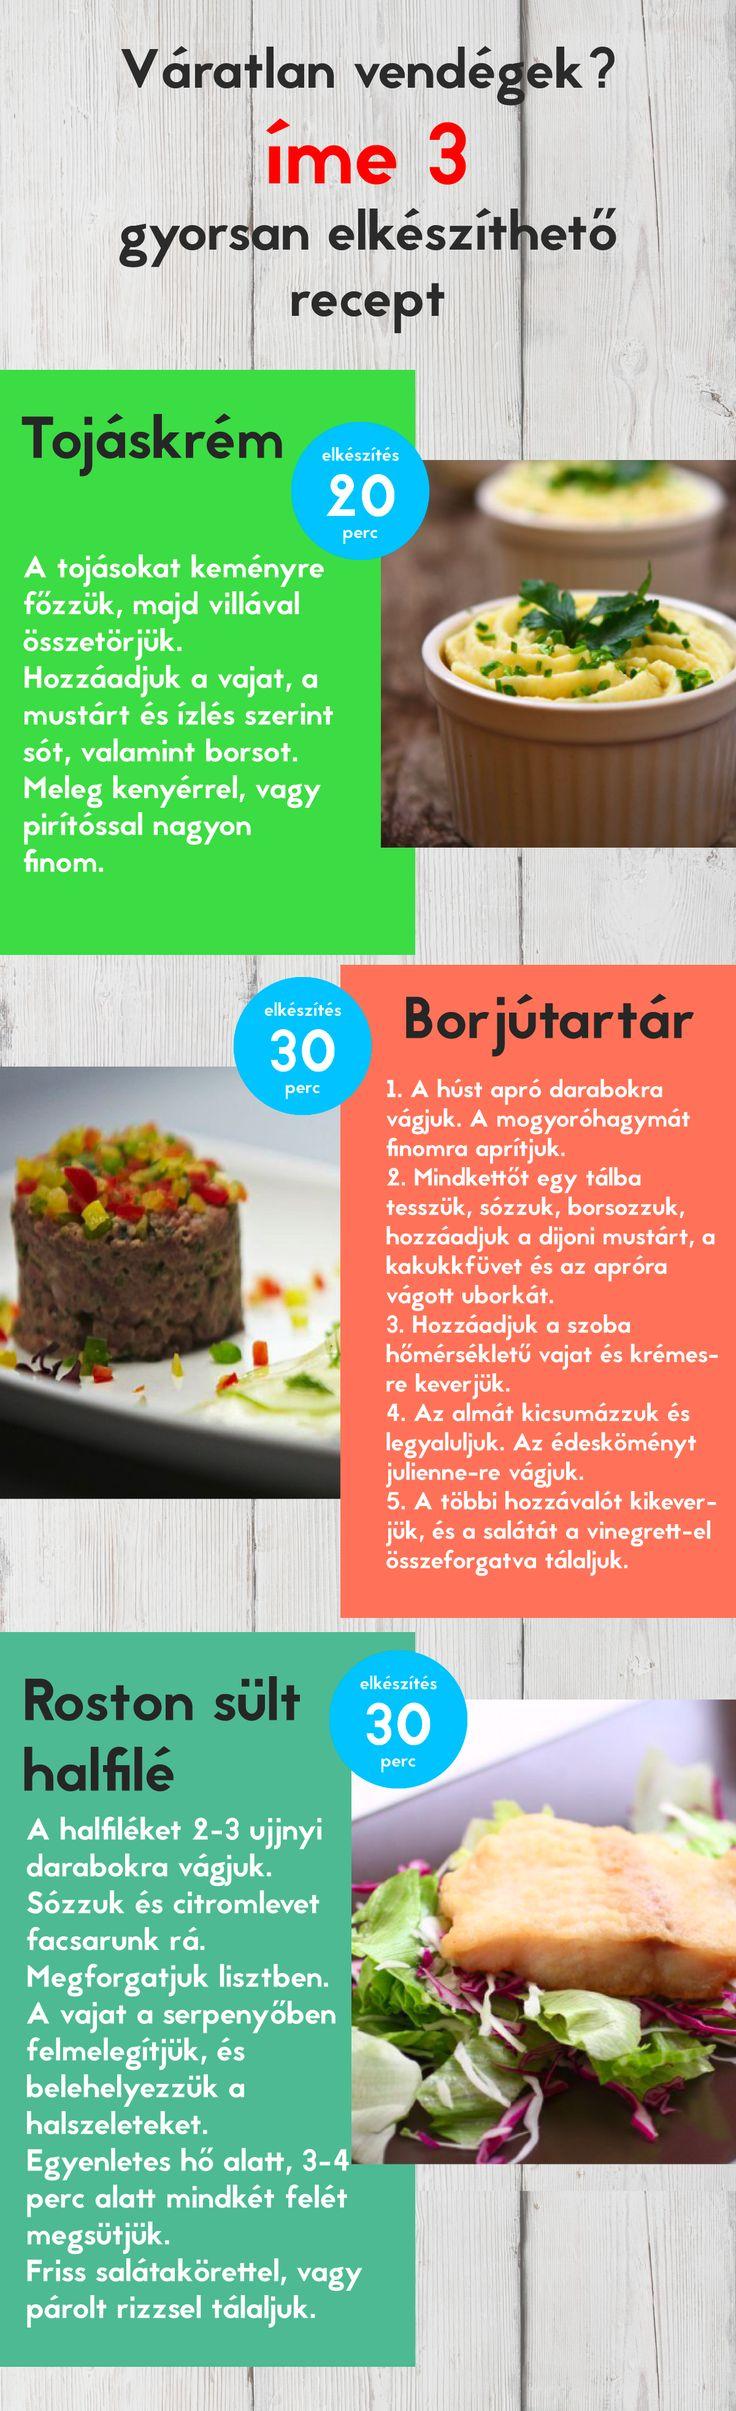 Váratlan vendégek? Íme 3 könnyedén elkészíthető recept! :)